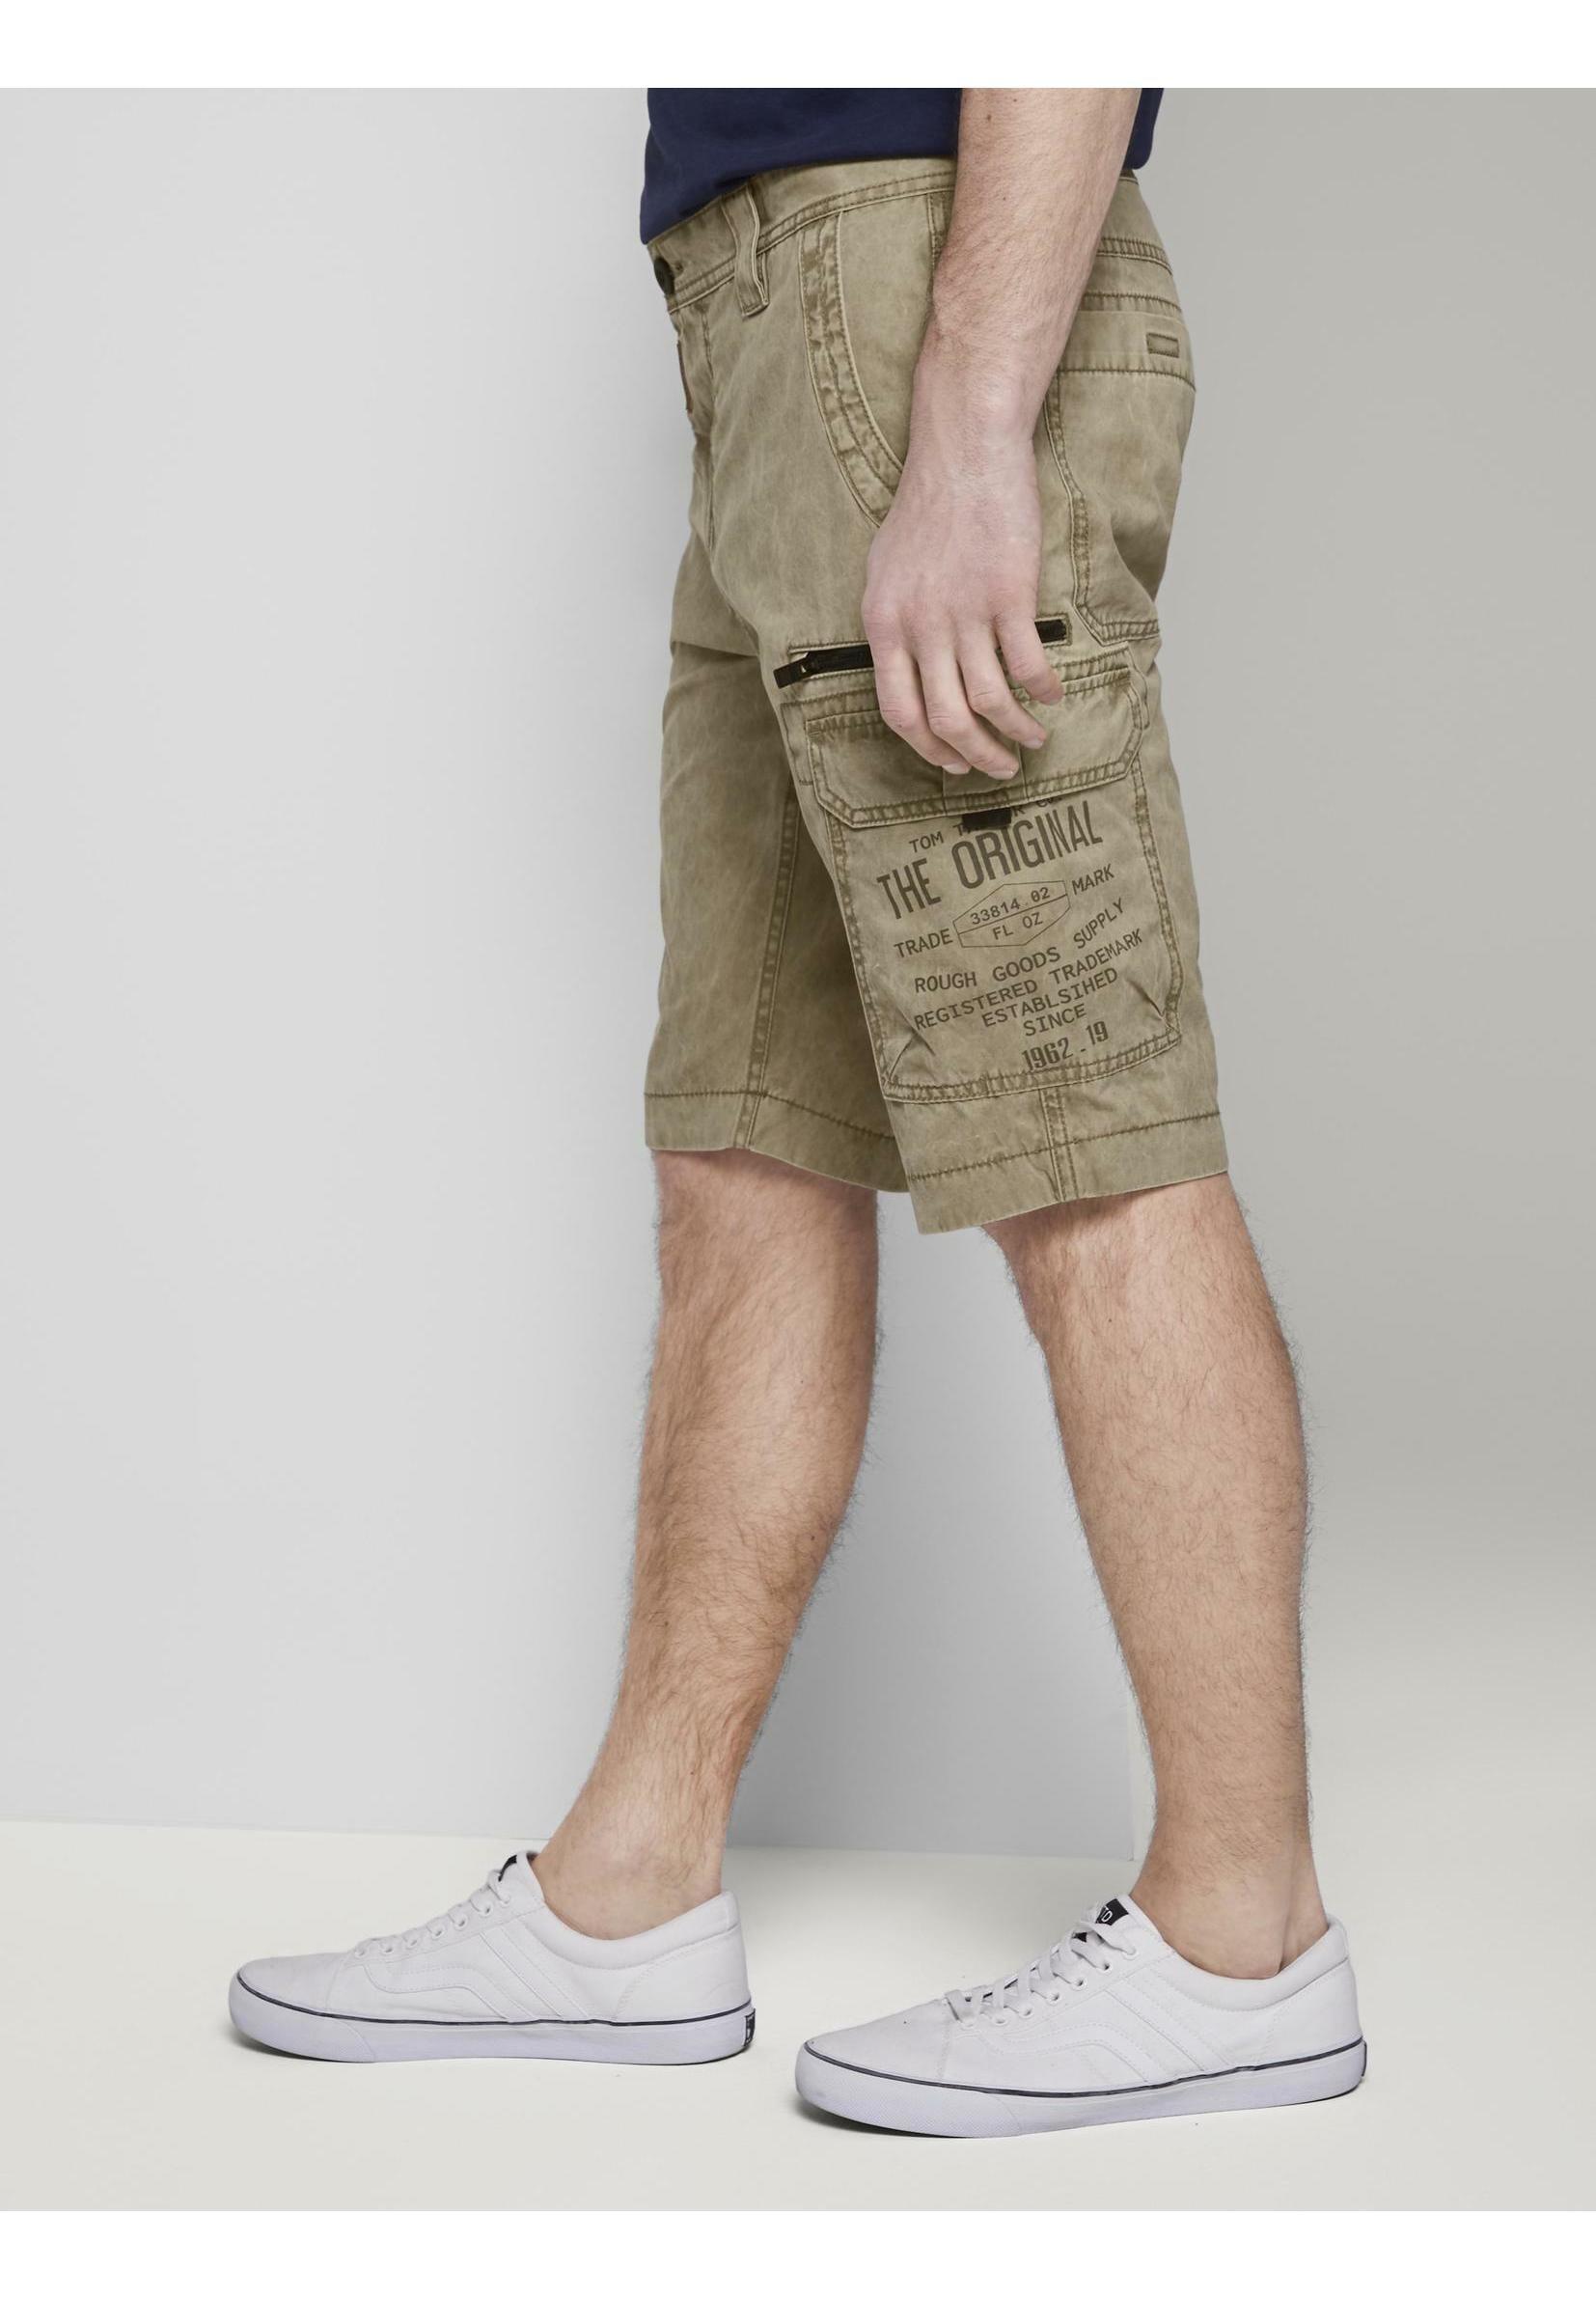 Tom Tailor Jeans Shorts - Honey Camel Beige